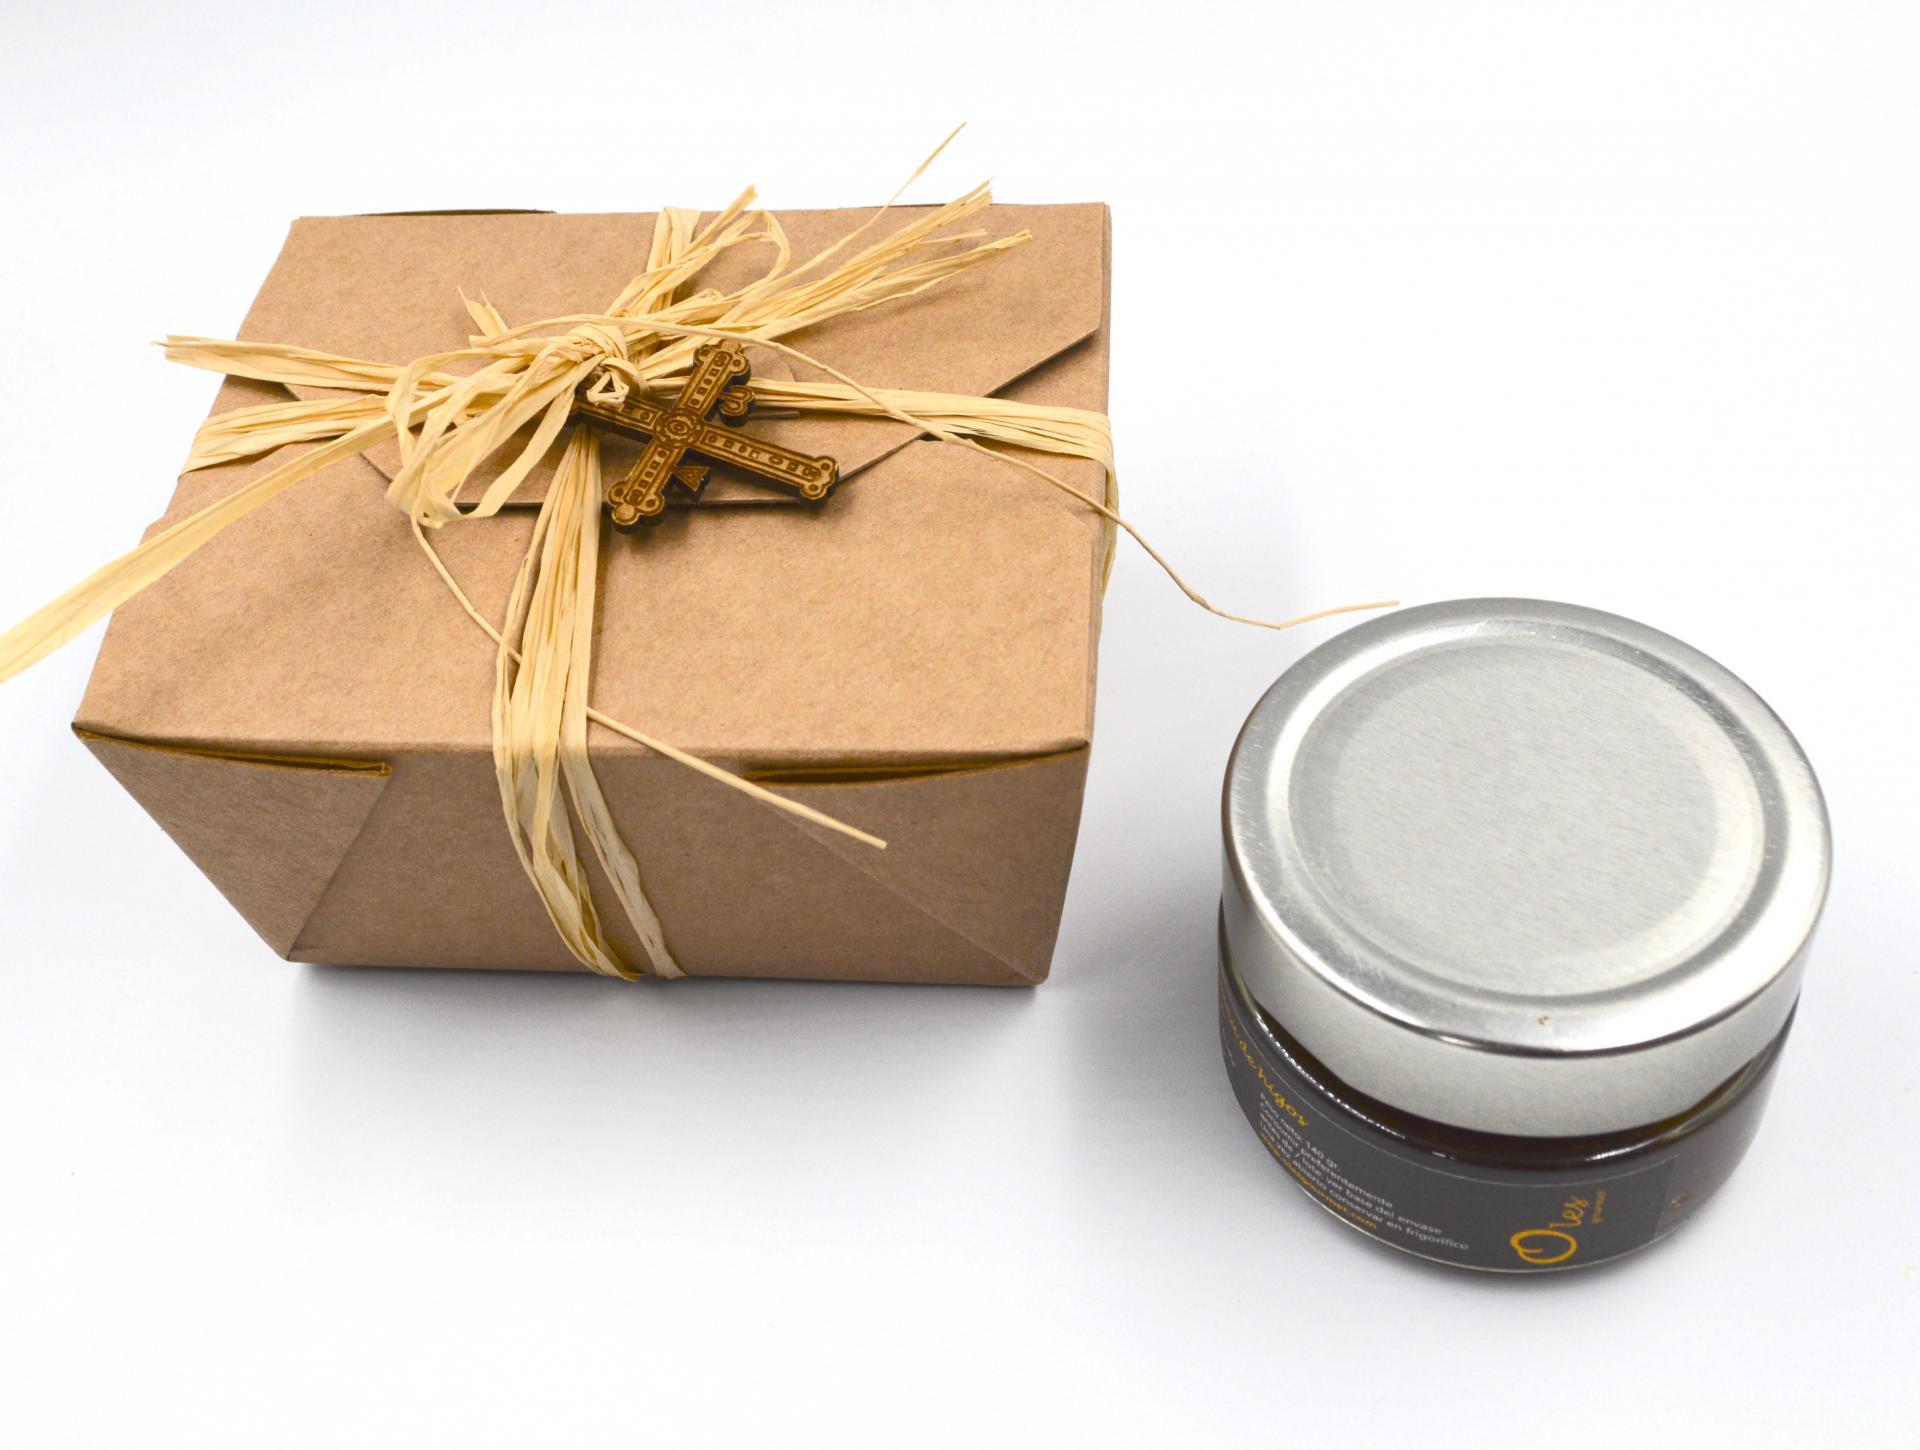 Mermelada de Peras al Ron en caja con cruz de madera